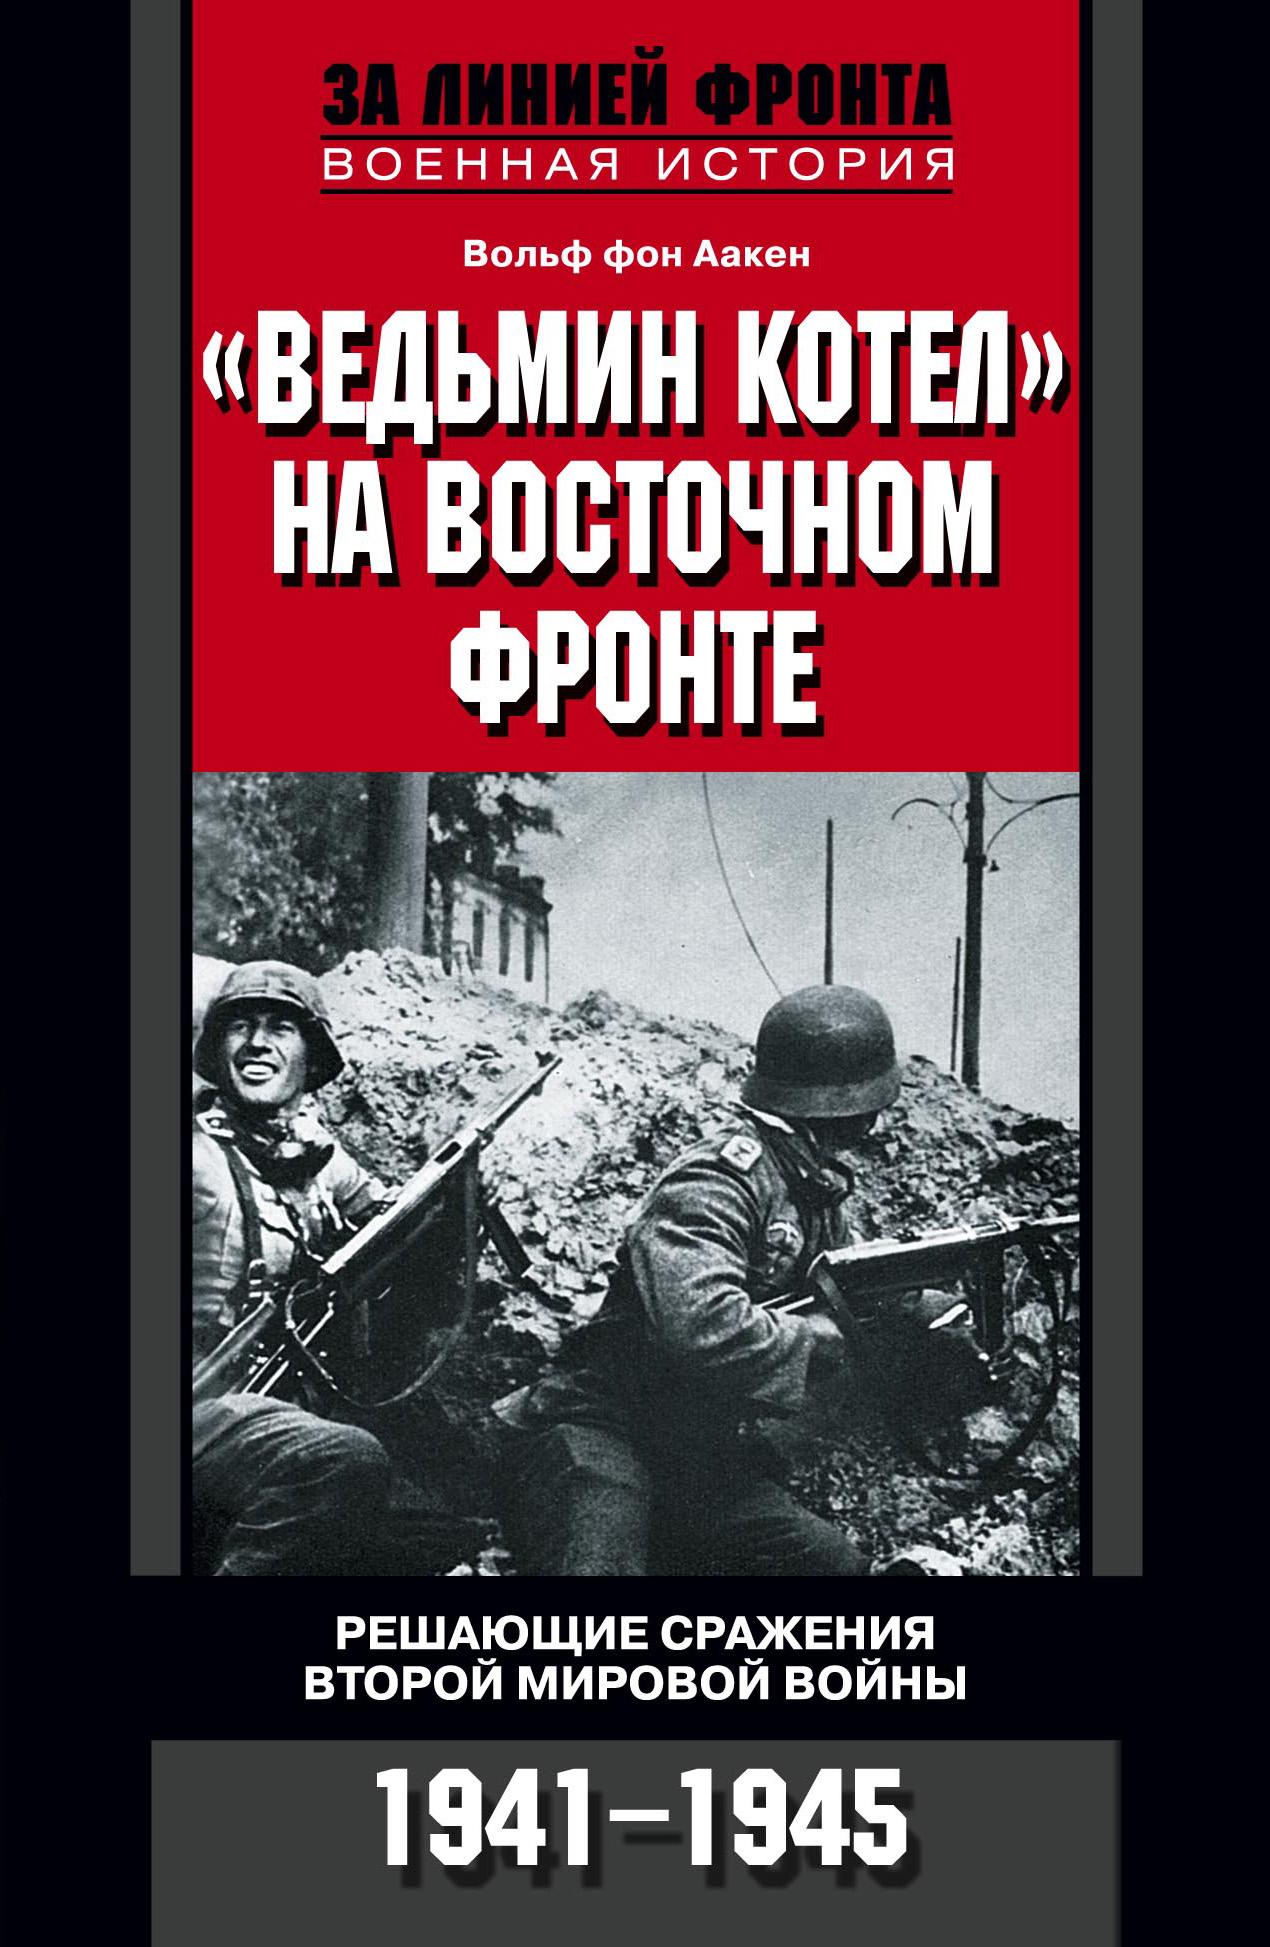 Вольф фон Аакен «Ведьмин котел» на Восточном фронте. Решающие сражения Второй мировой войны. 1941-1945 цена